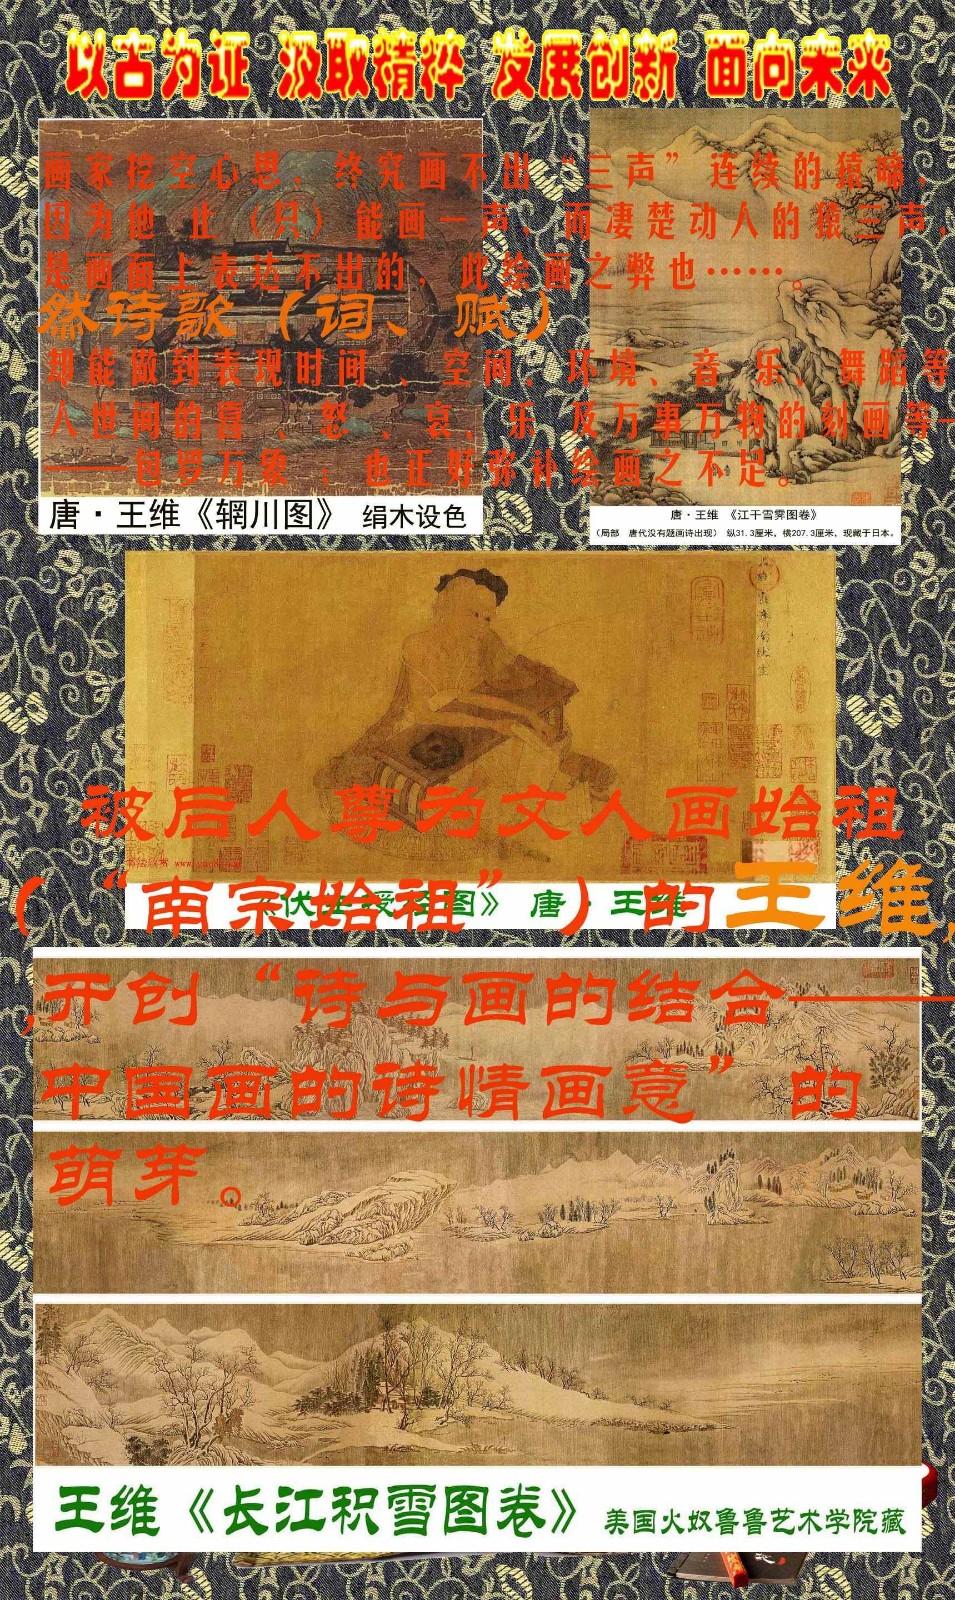 和而不同是常态 中华文明耀世界_图1-8